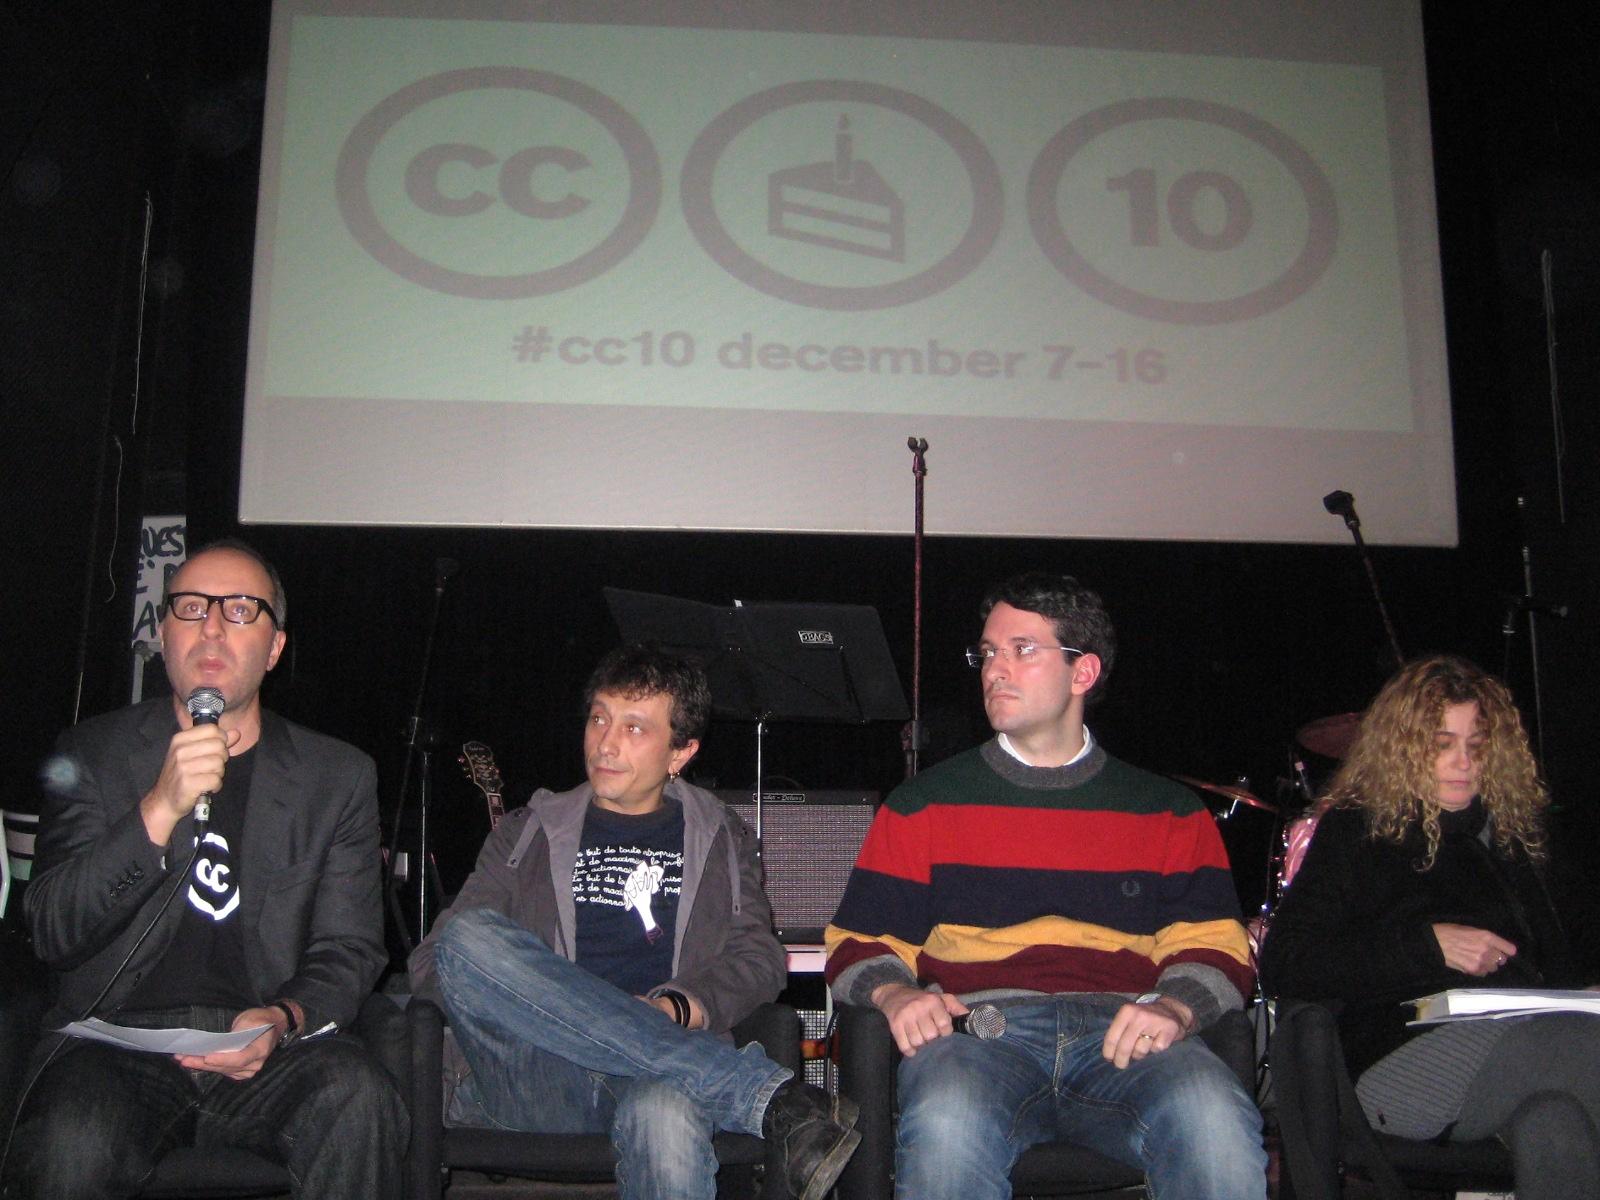 Il dibattito per il decennale di Creative Commons